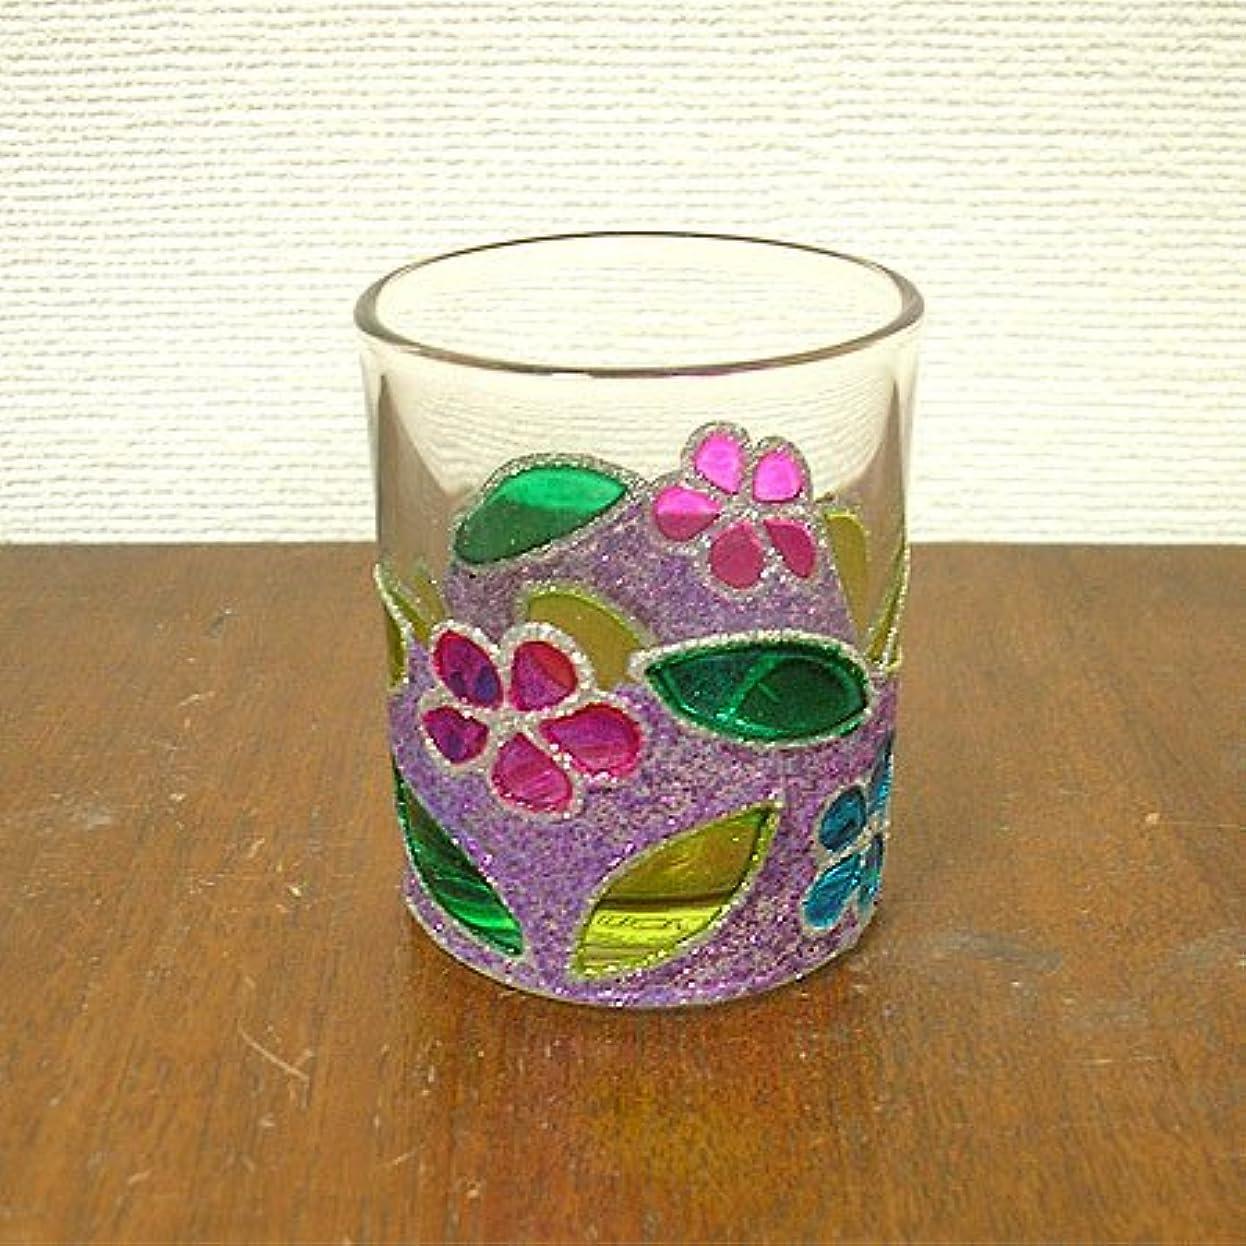 土器輝度擬人アジアン キャンドルホルダー カップ グラス 花柄 パープル アジアン雑貨